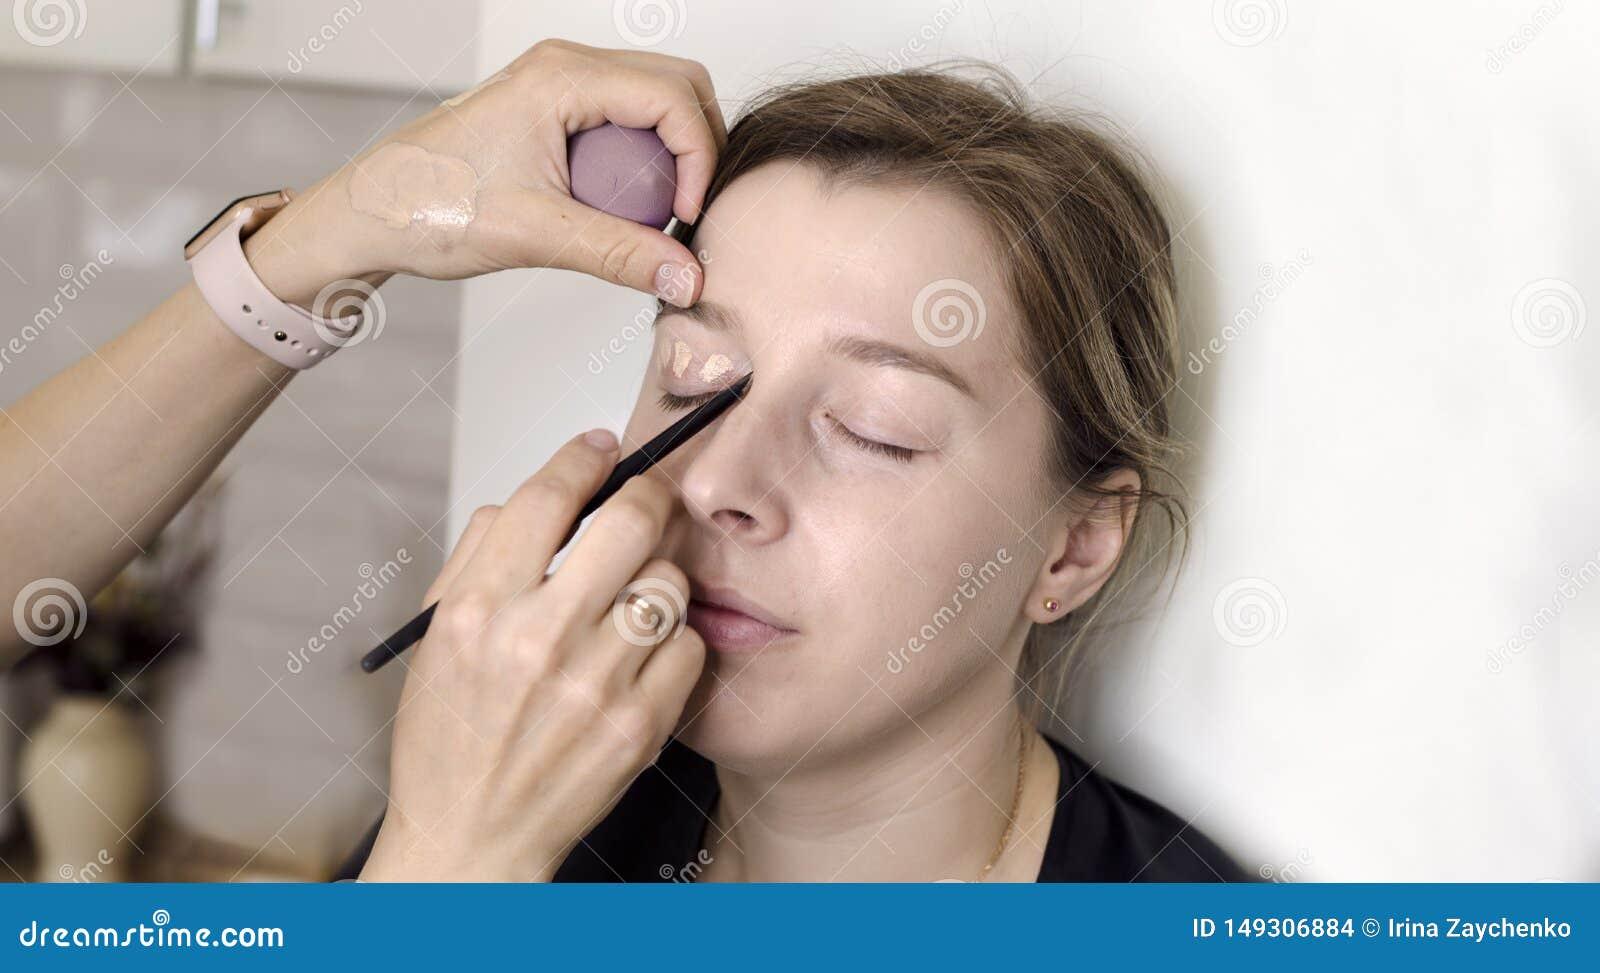 El artista de maquillaje hace el maquillaje para la muchacha